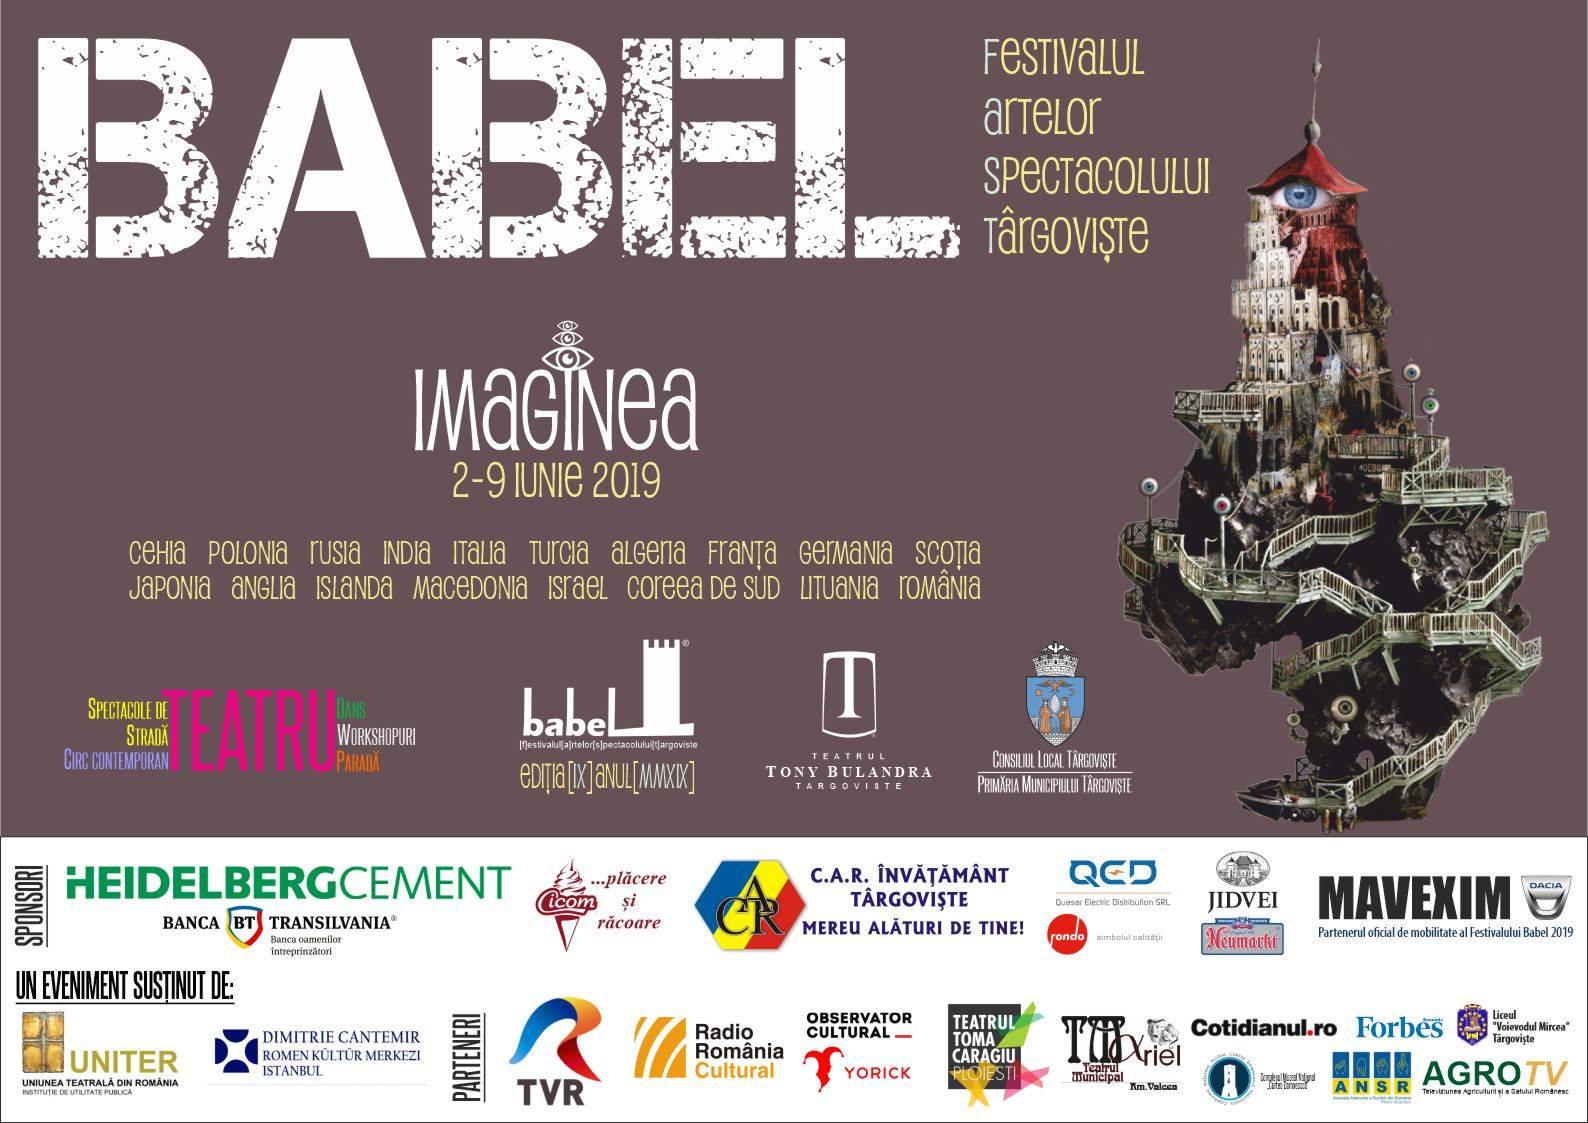 Programul complet al Babel FAST! Azi, deschiderea oficială